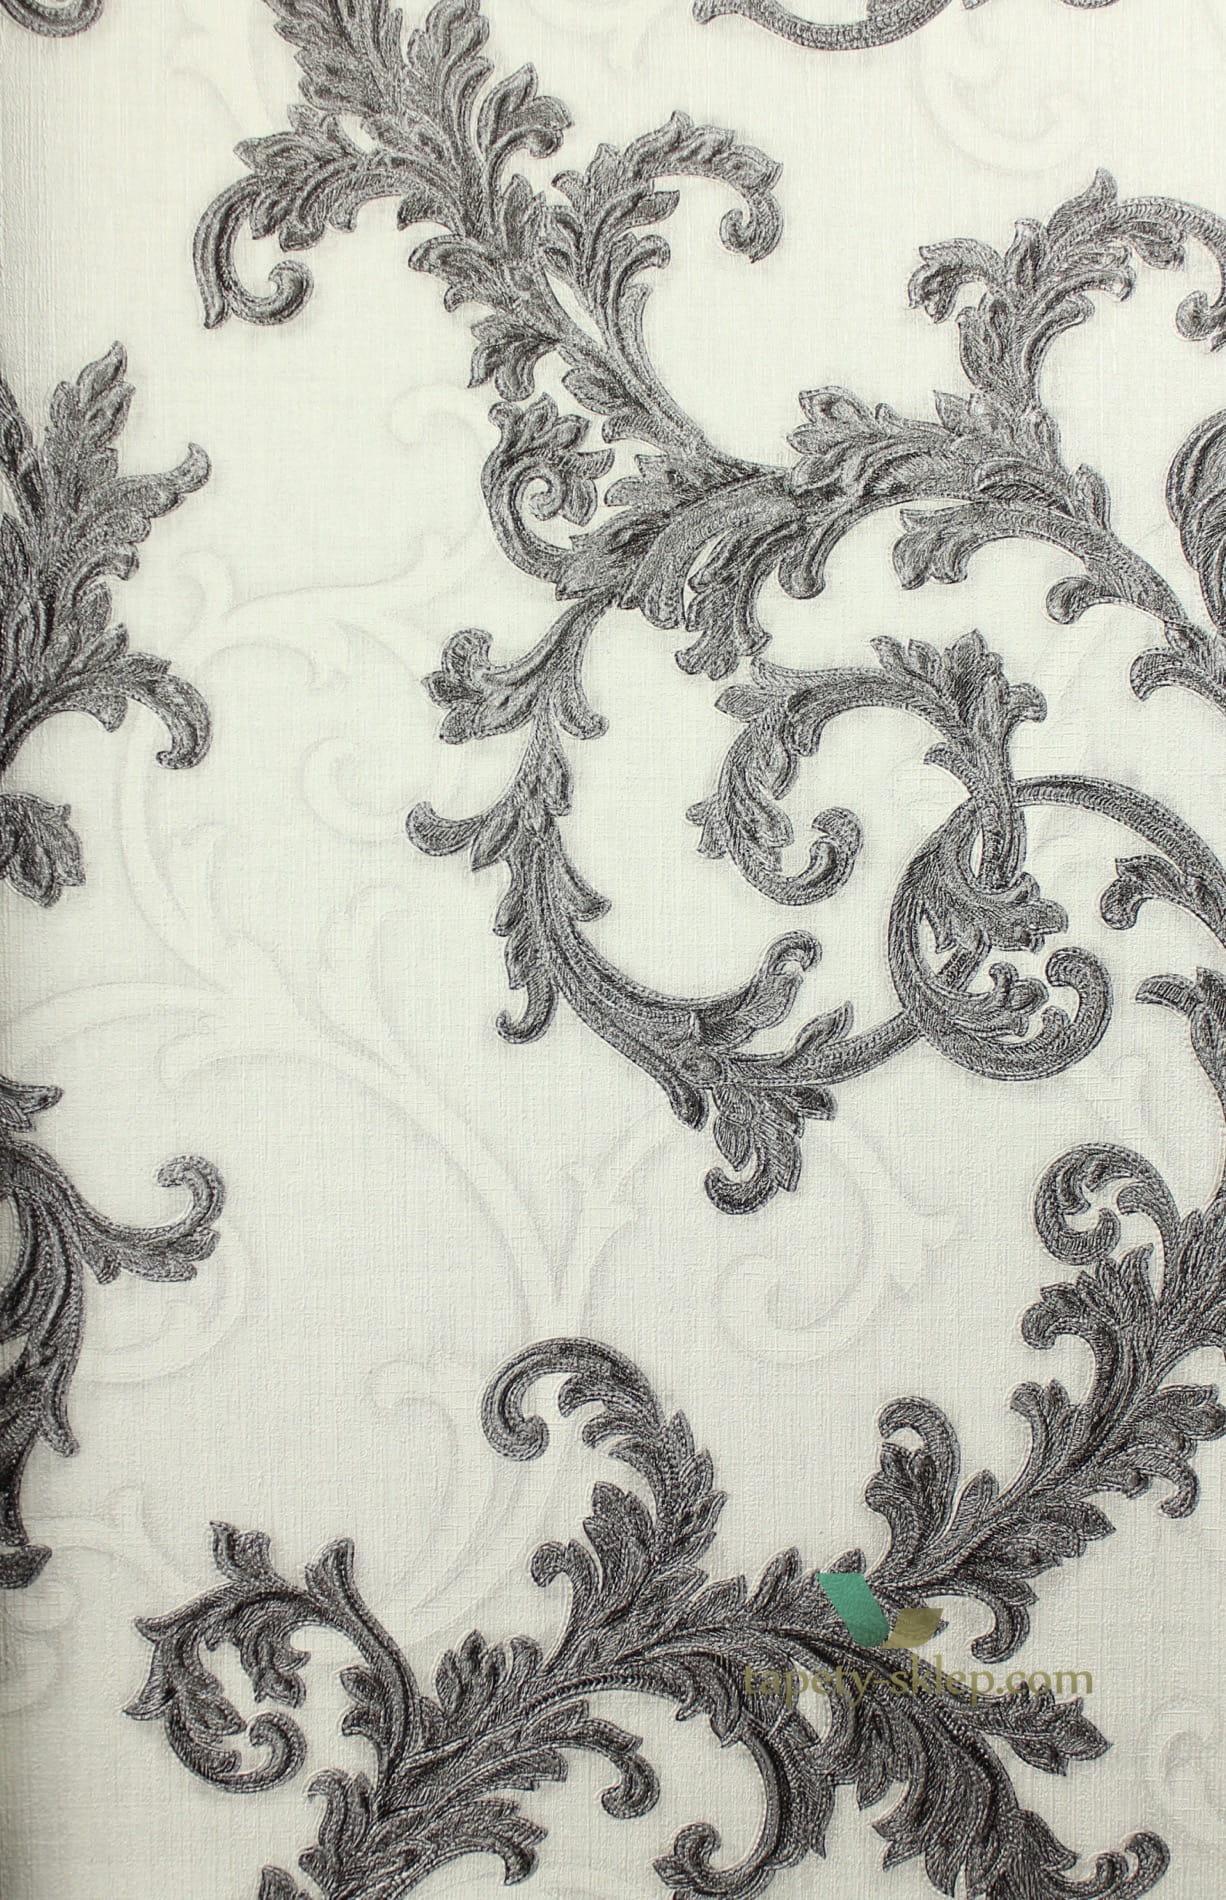 Tapeta Versace 96231-5 Home II